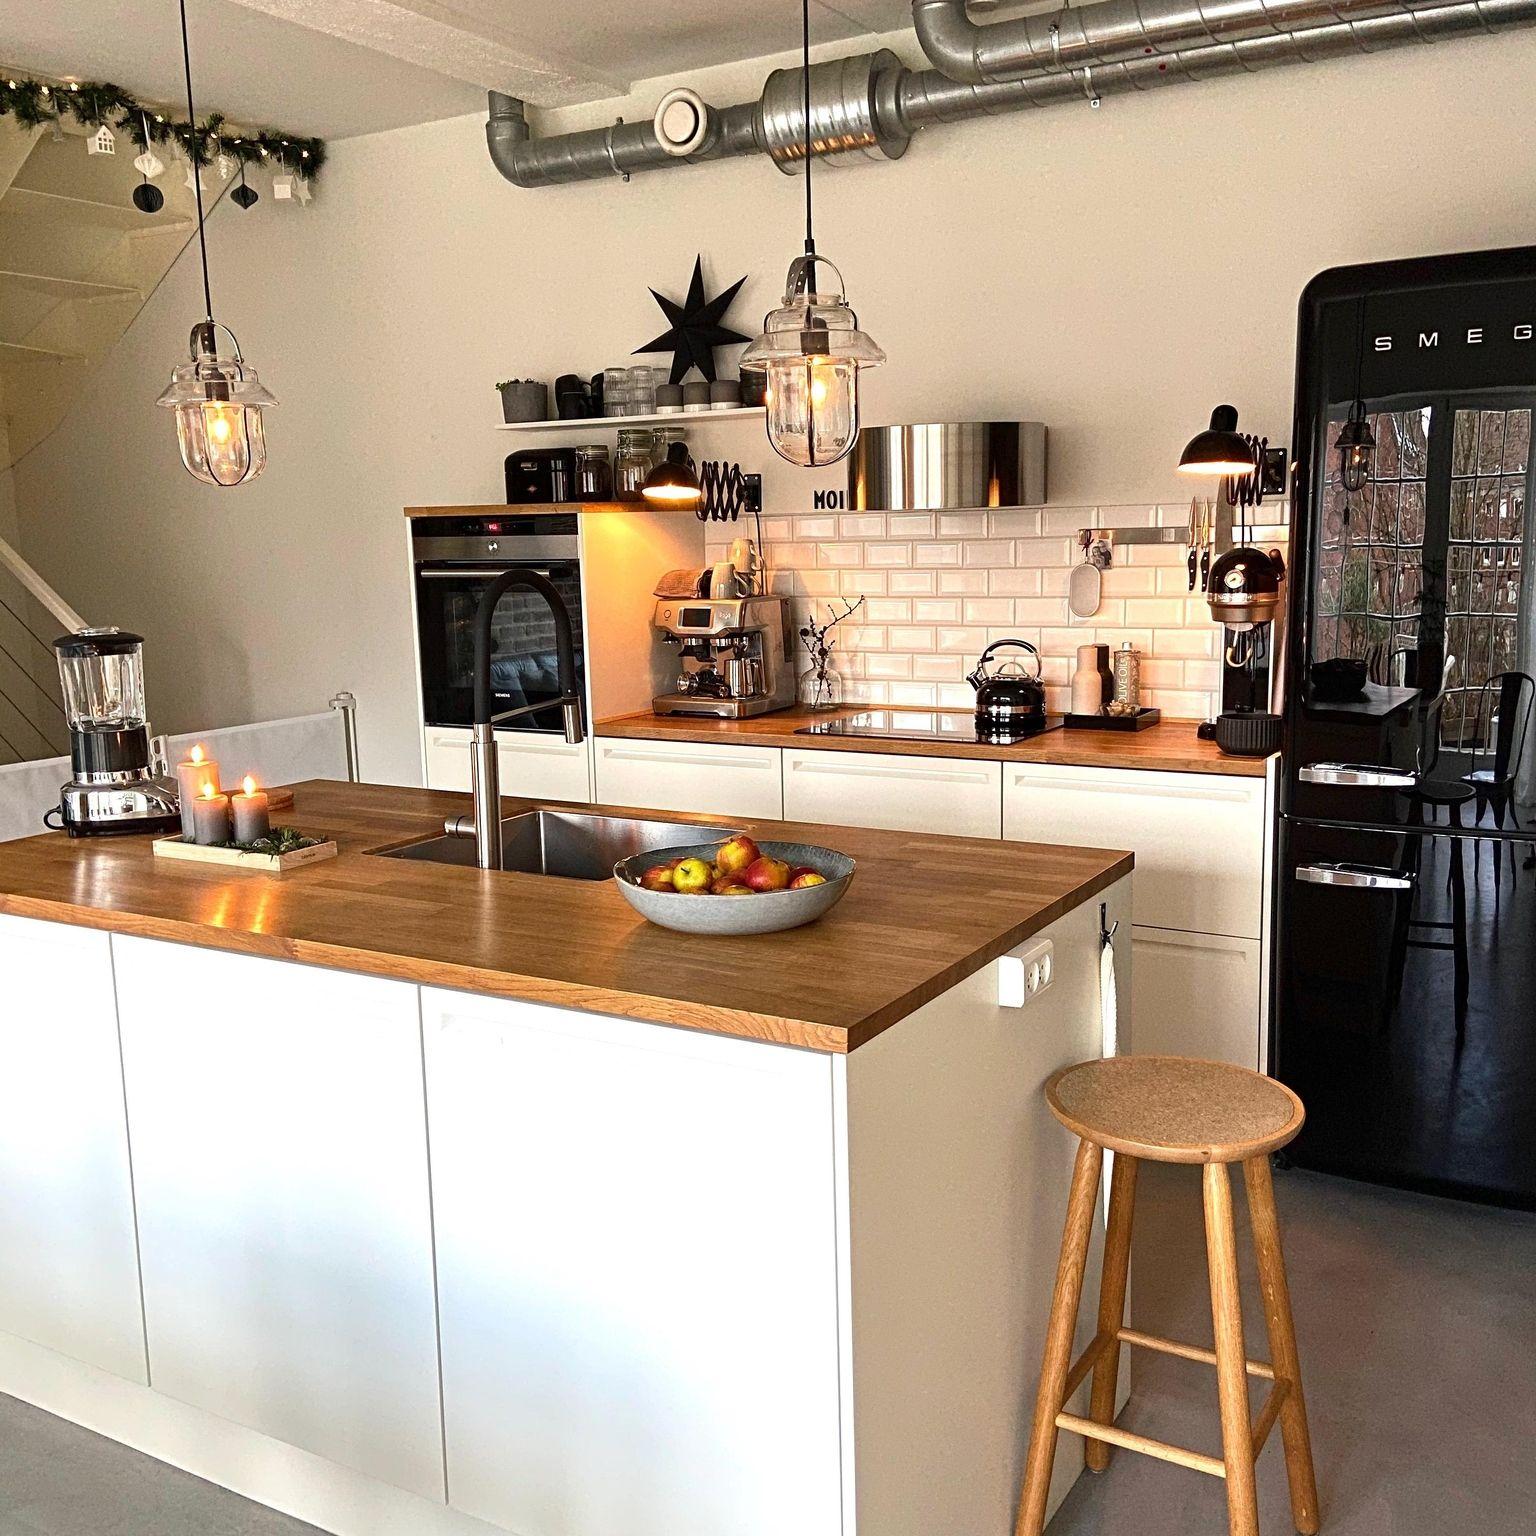 Pin Von Lara Zawdeh Auf Home Decor Deko Tisch Kuchen Inspiration Kuchendekoration